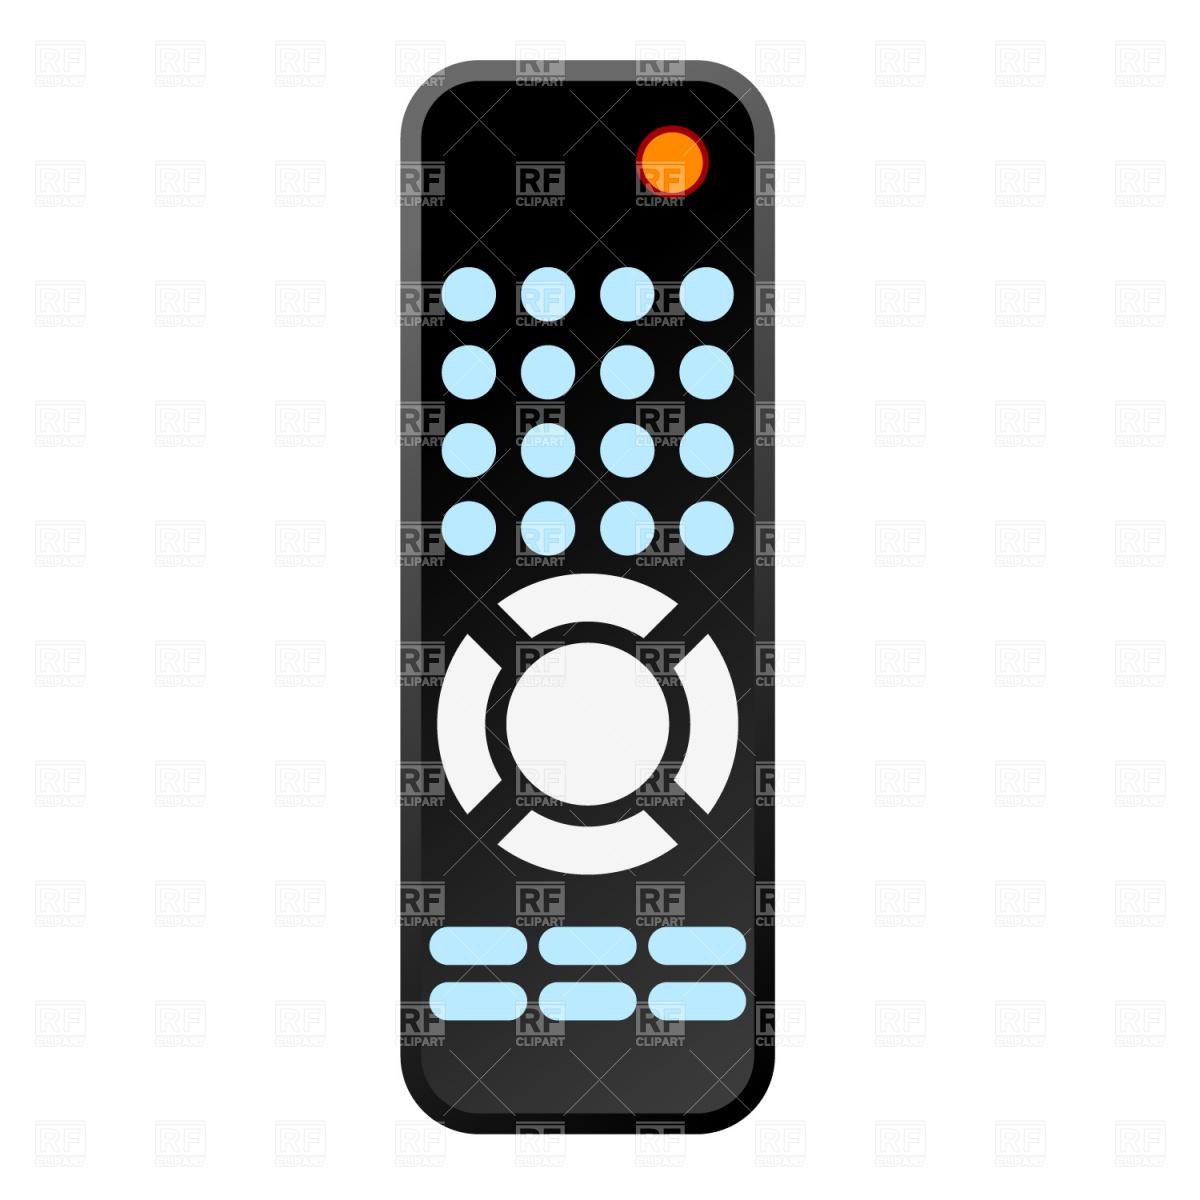 Remote Control Vector Image #1087.